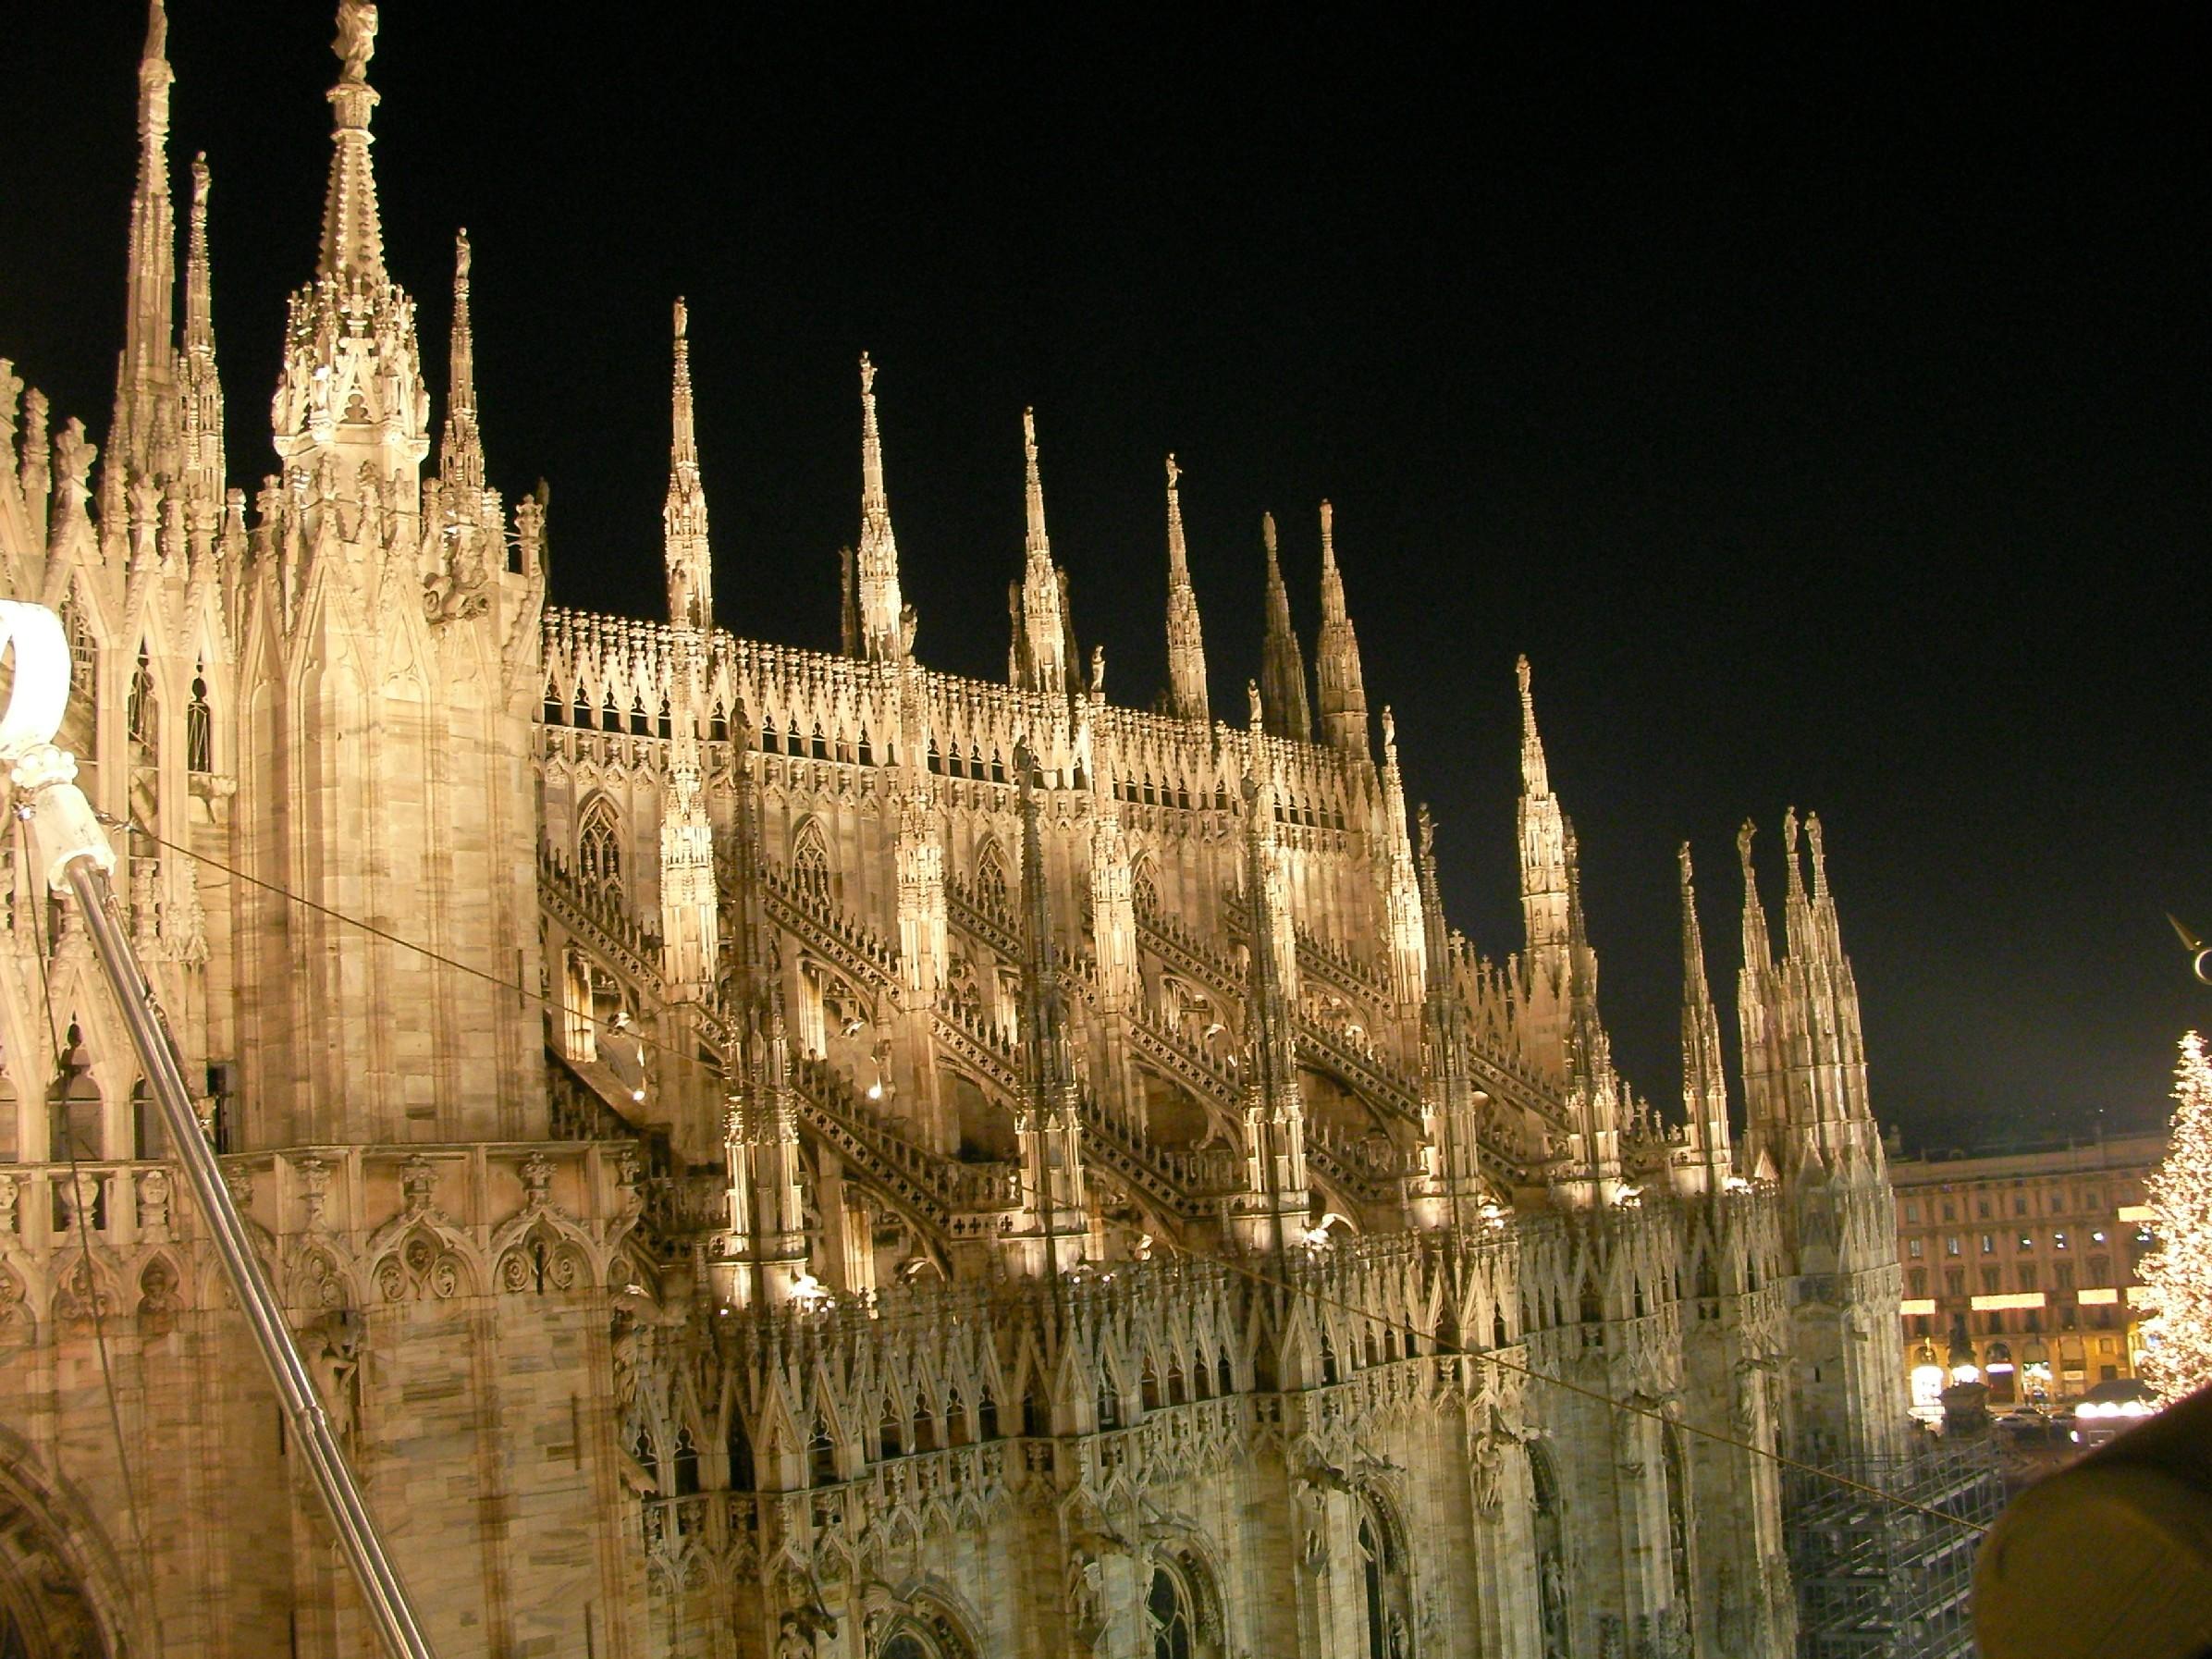 Duomo Milano guglie di notte - LA CITTA' DI MILANO e l'arte 27 aprile 2017